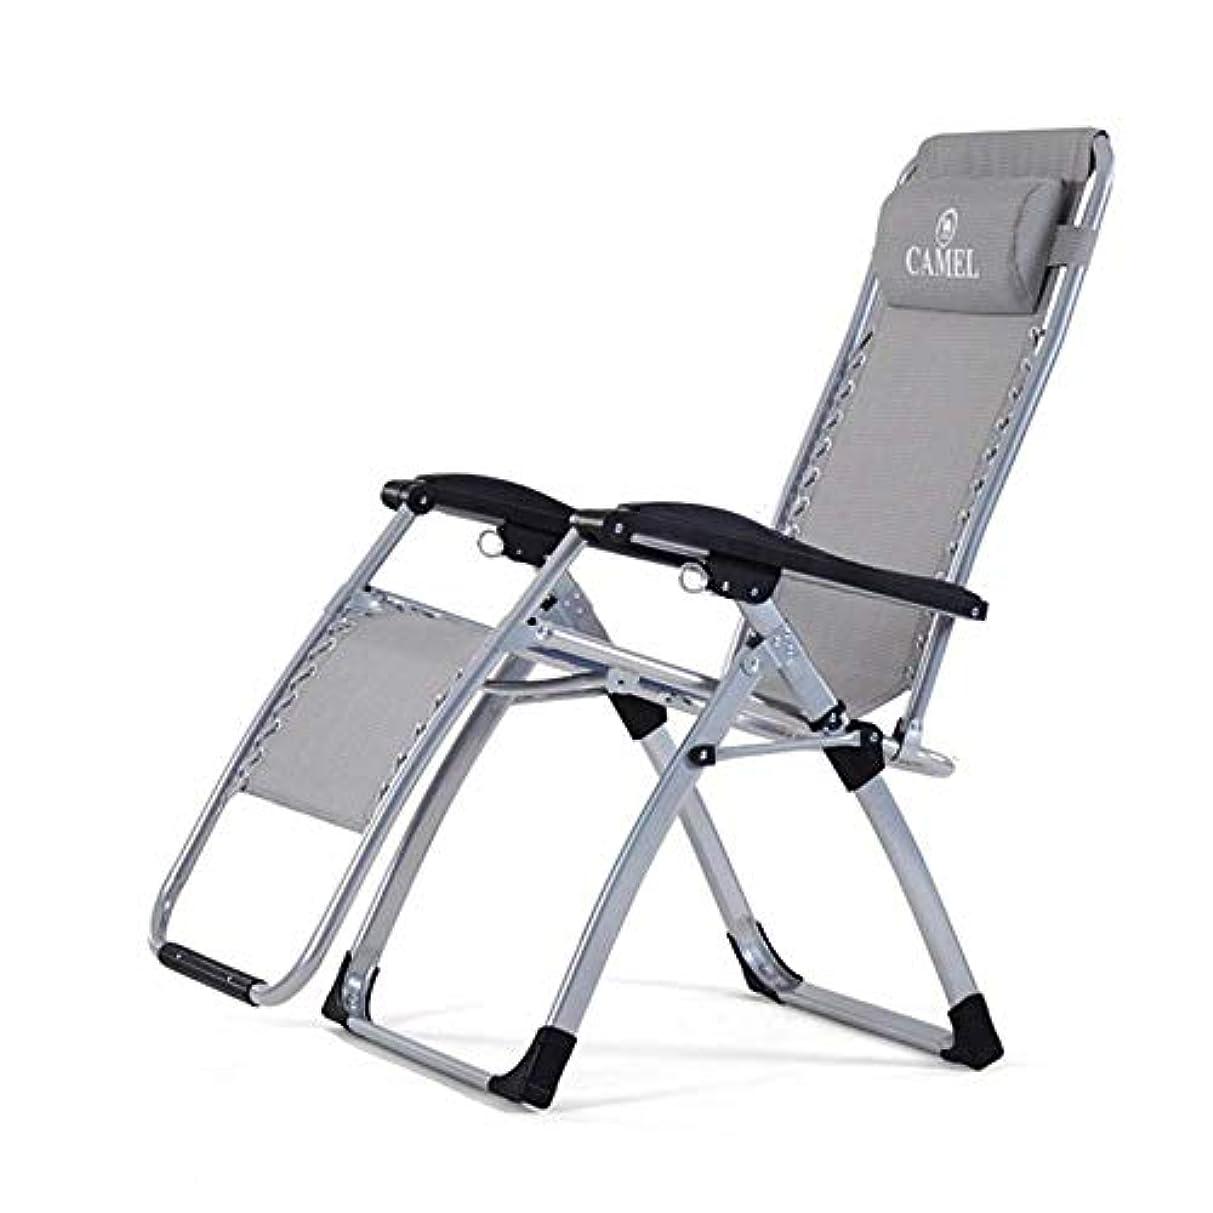 審判通路アッパーロッキングラウンジチェア重力スタイリッシュラウンジチェアパティオ折りたたみ式調節可能リクライニングチェア枕付き屋外庭芝生ビーチチェア、グレー(色:Chair + Mat)